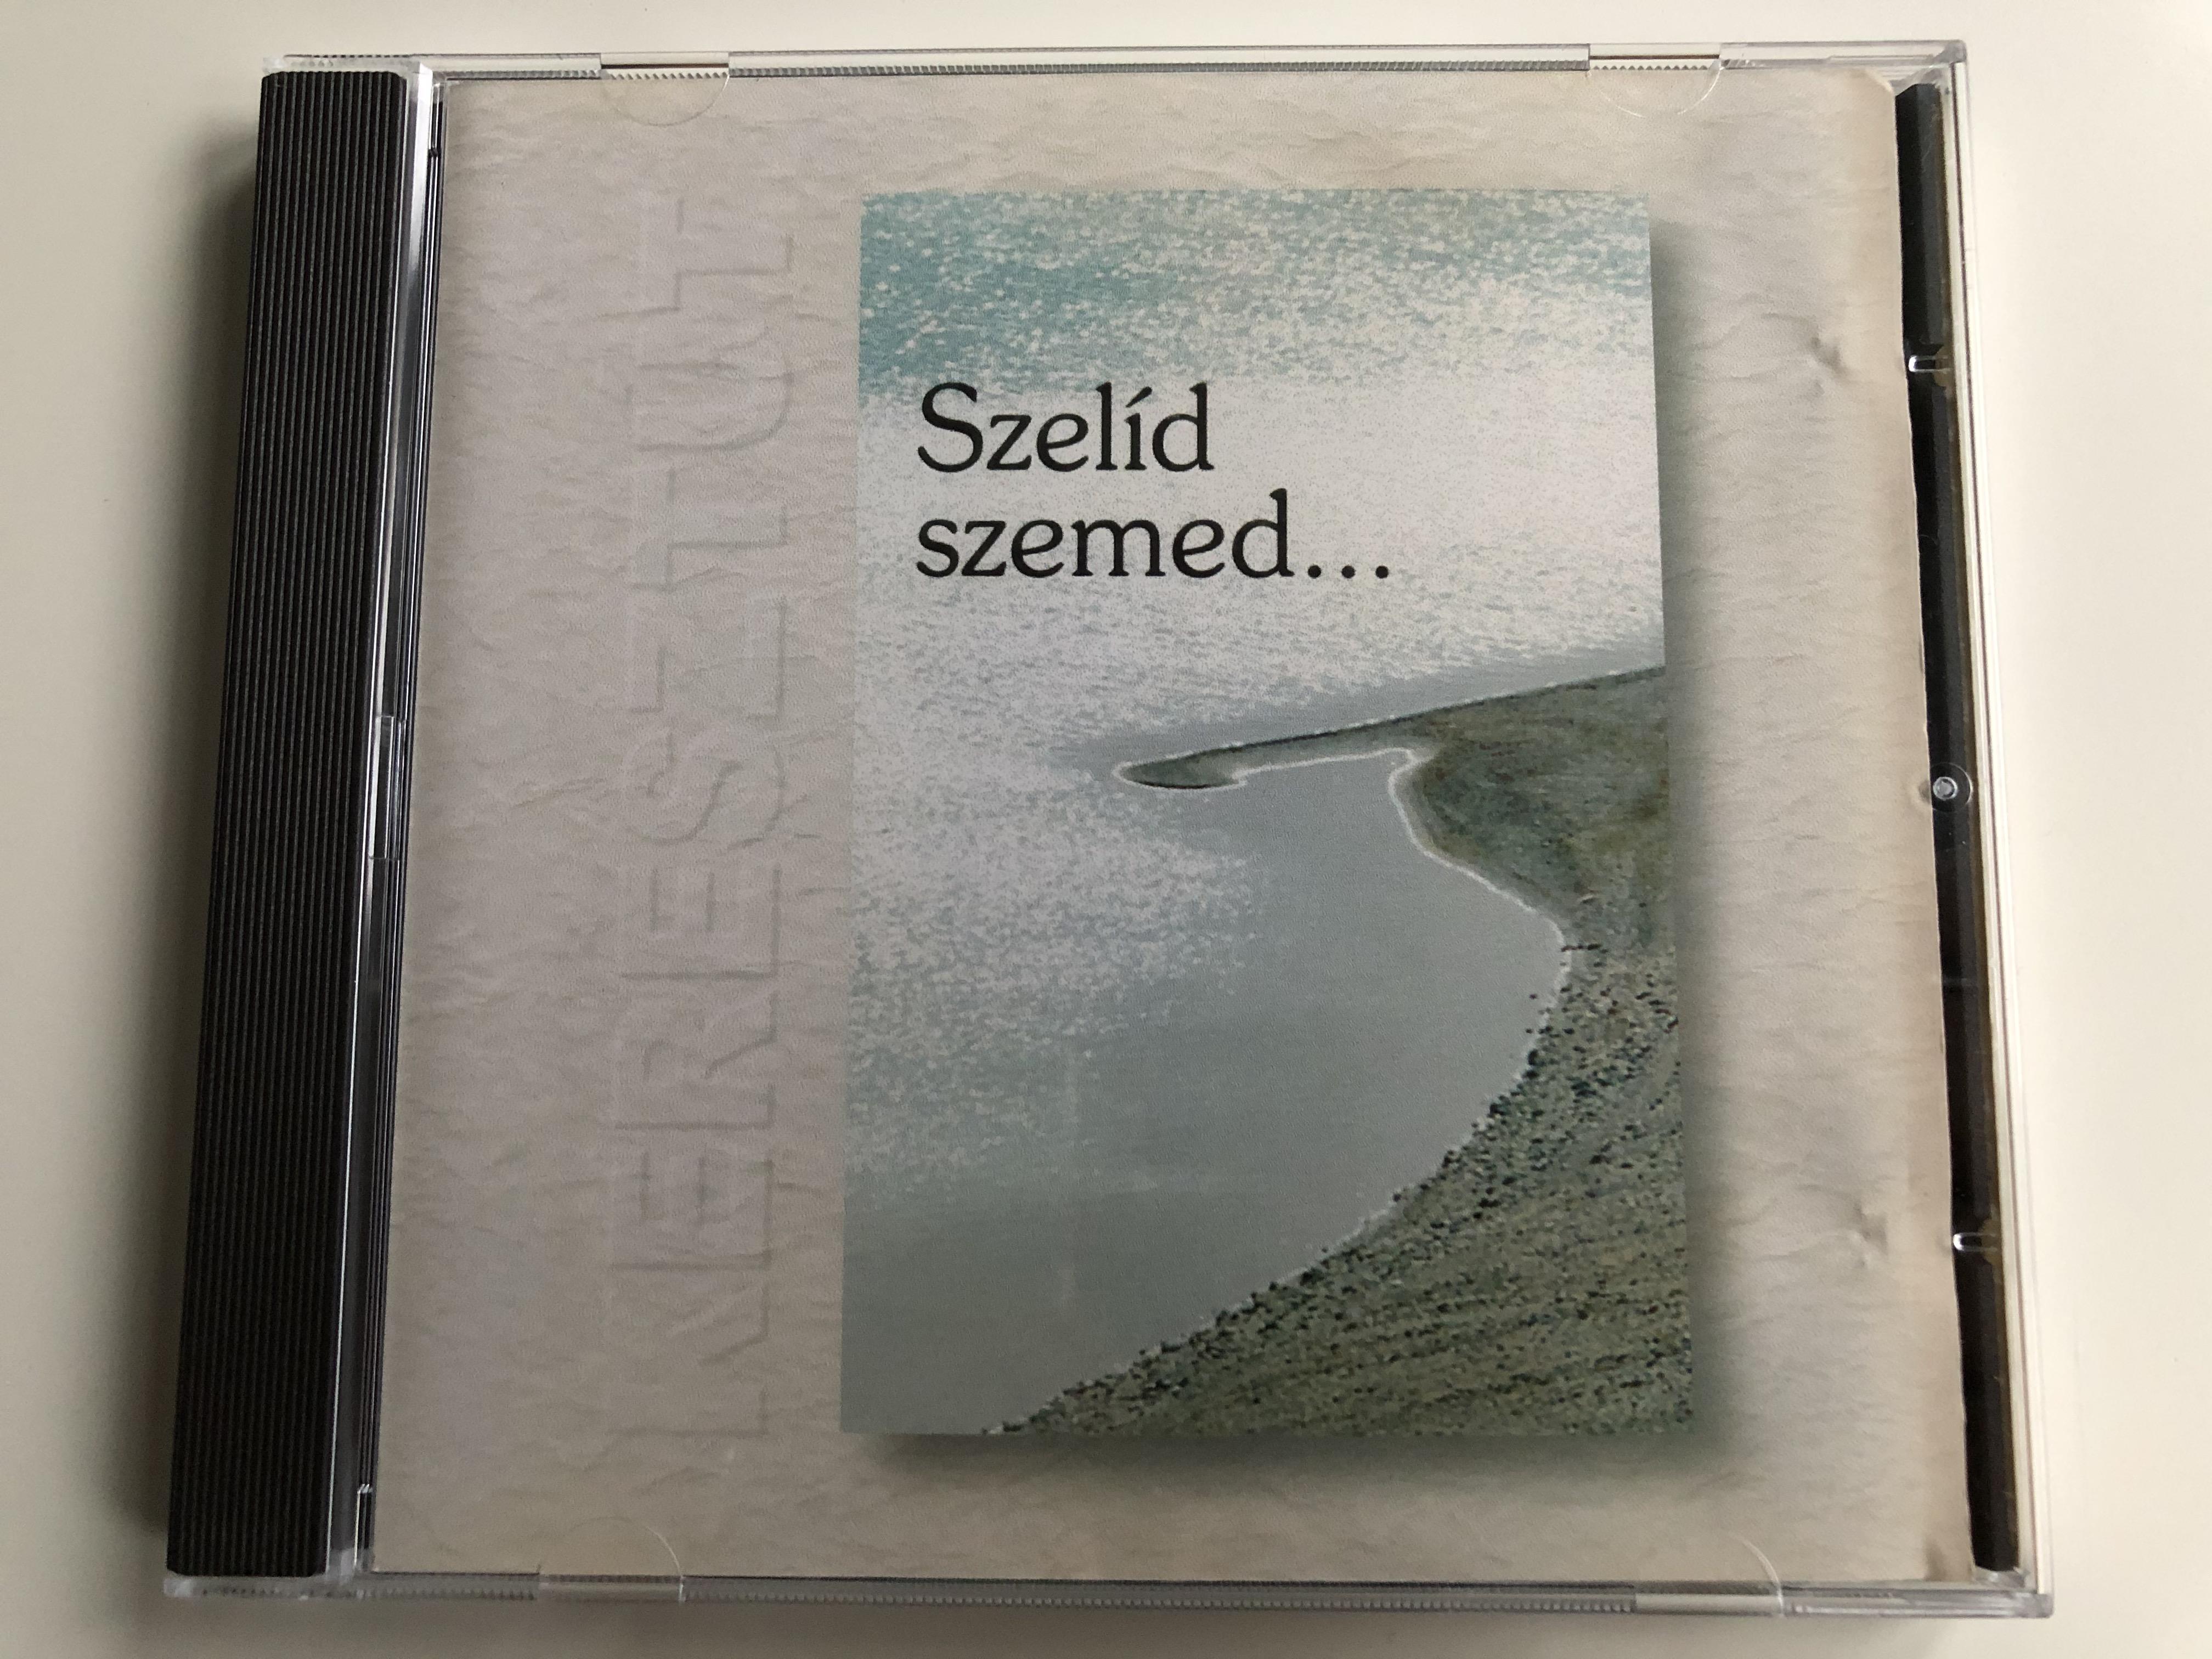 szelid-szemed...-keresztut-kiado-audio-cd-1999-1-.jpg